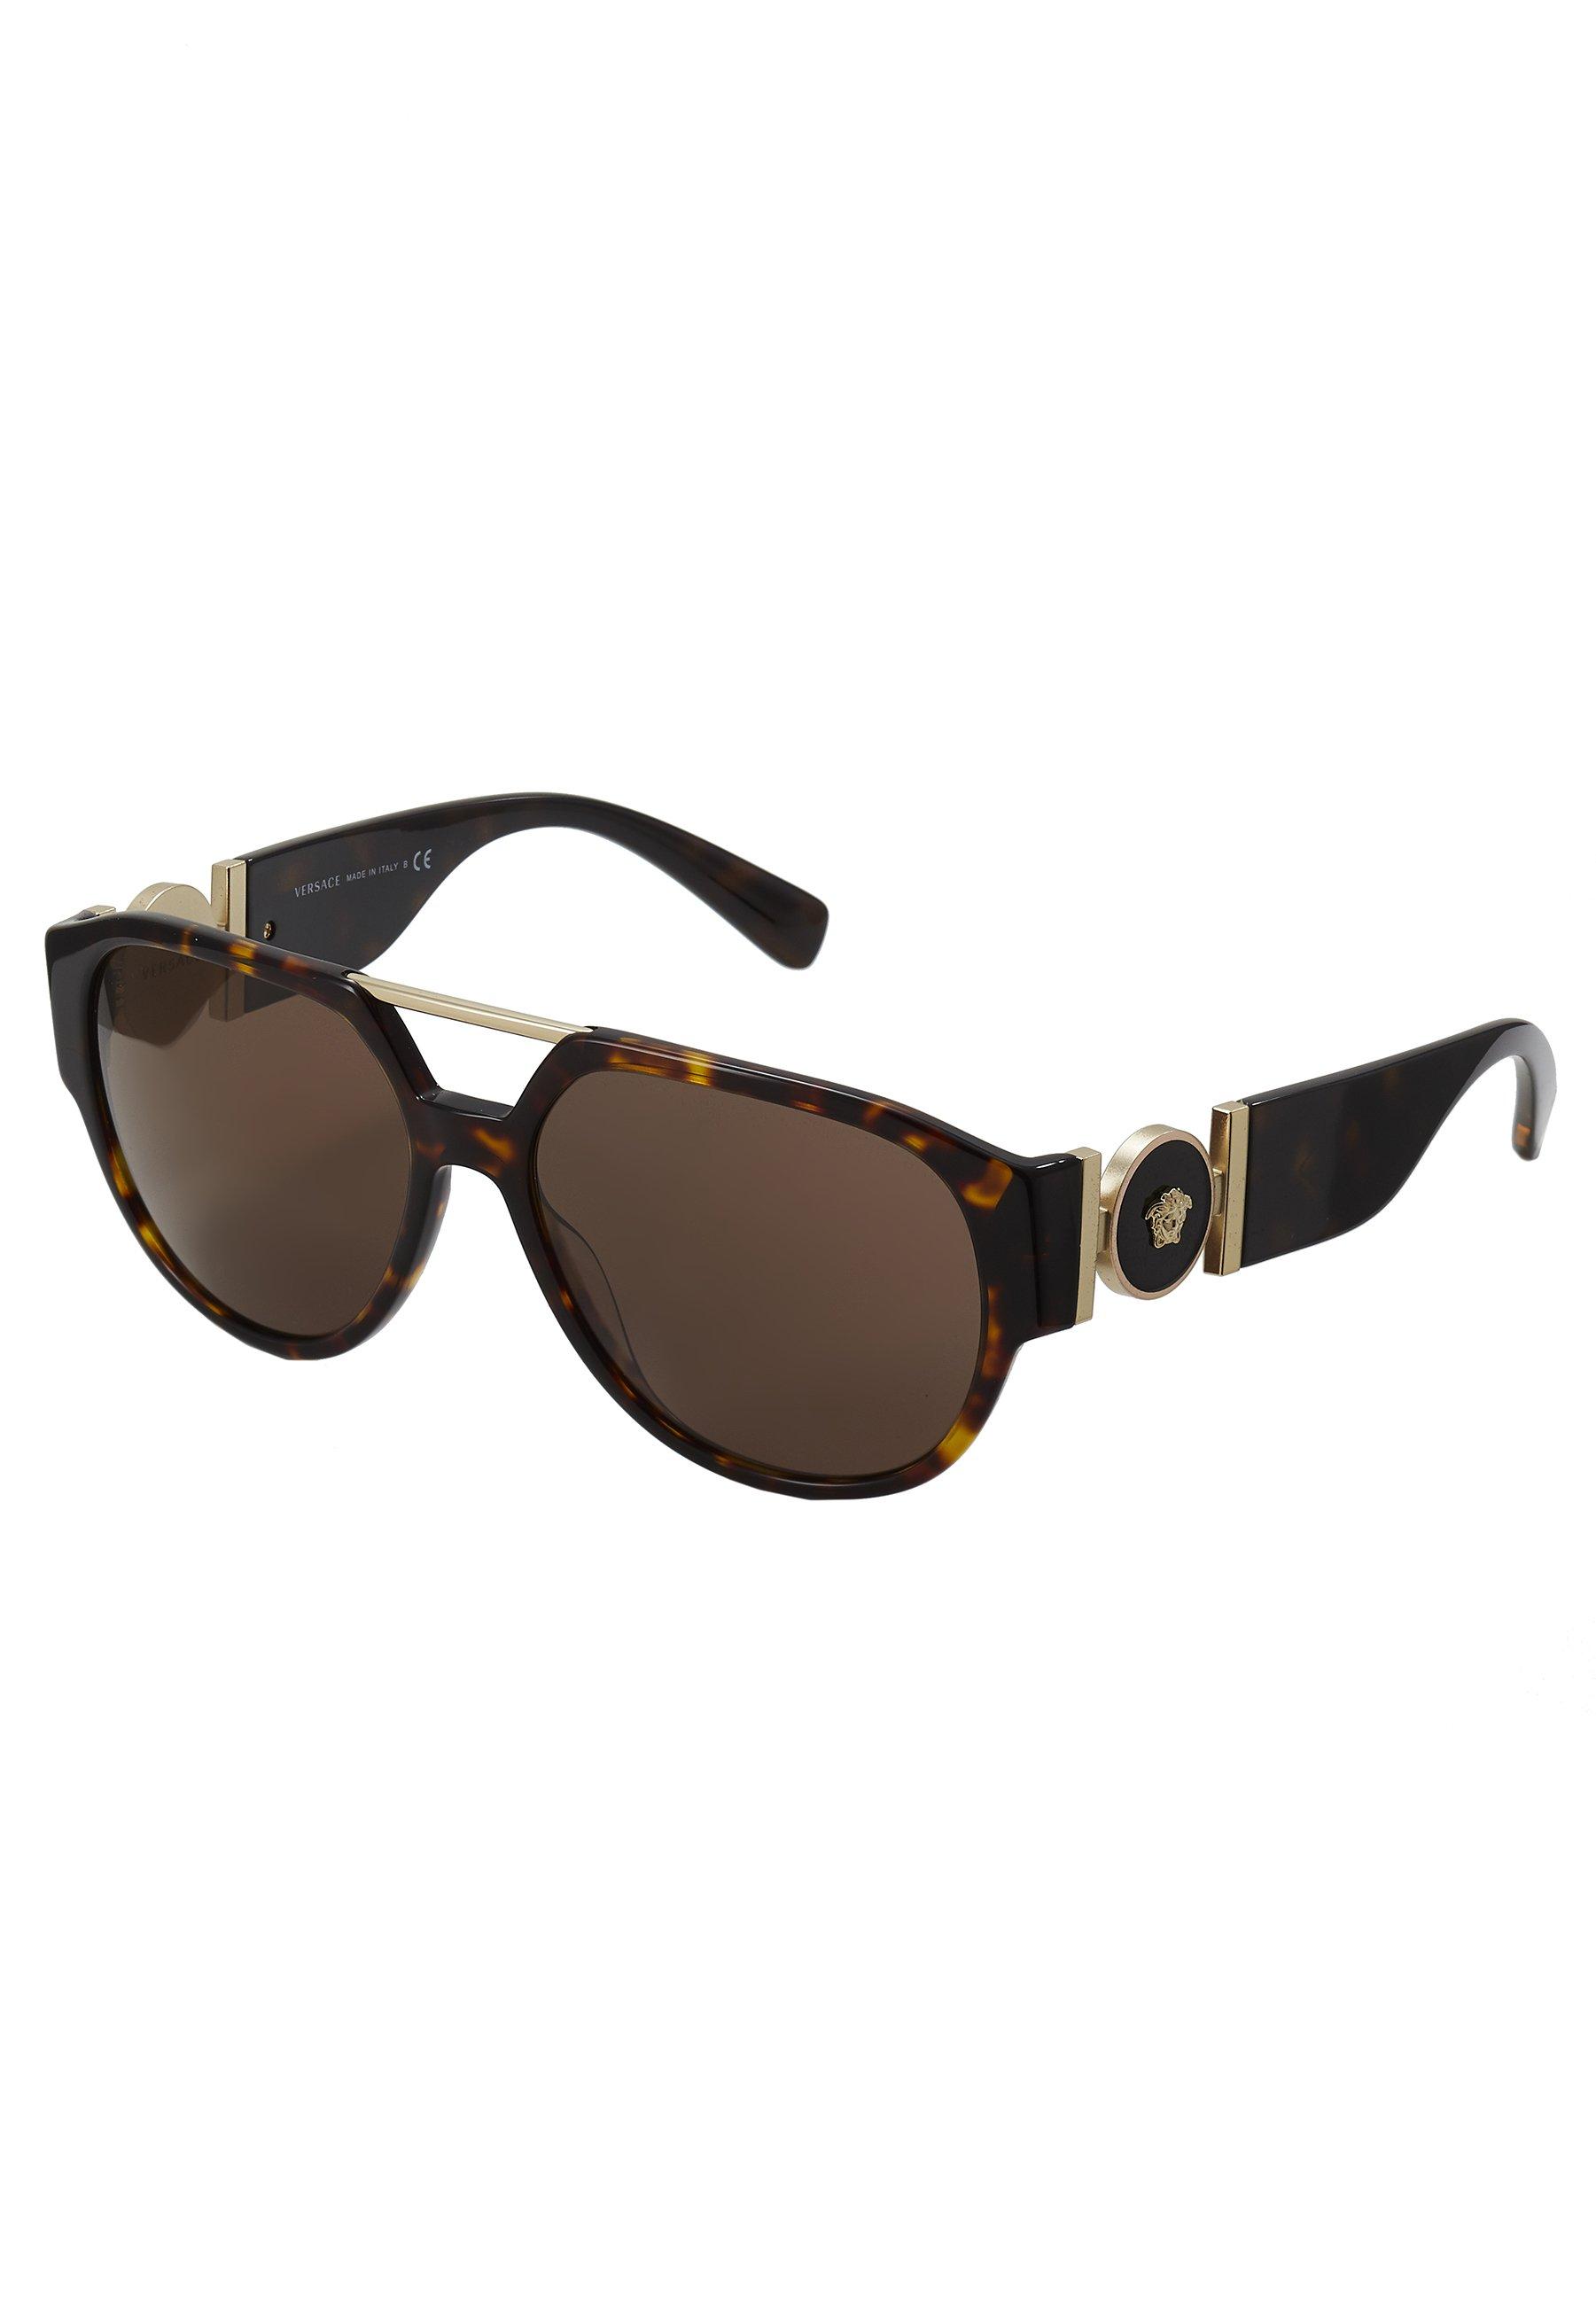 Versace Solbriller - havana/brun aFr4zlfgHs52OfQ